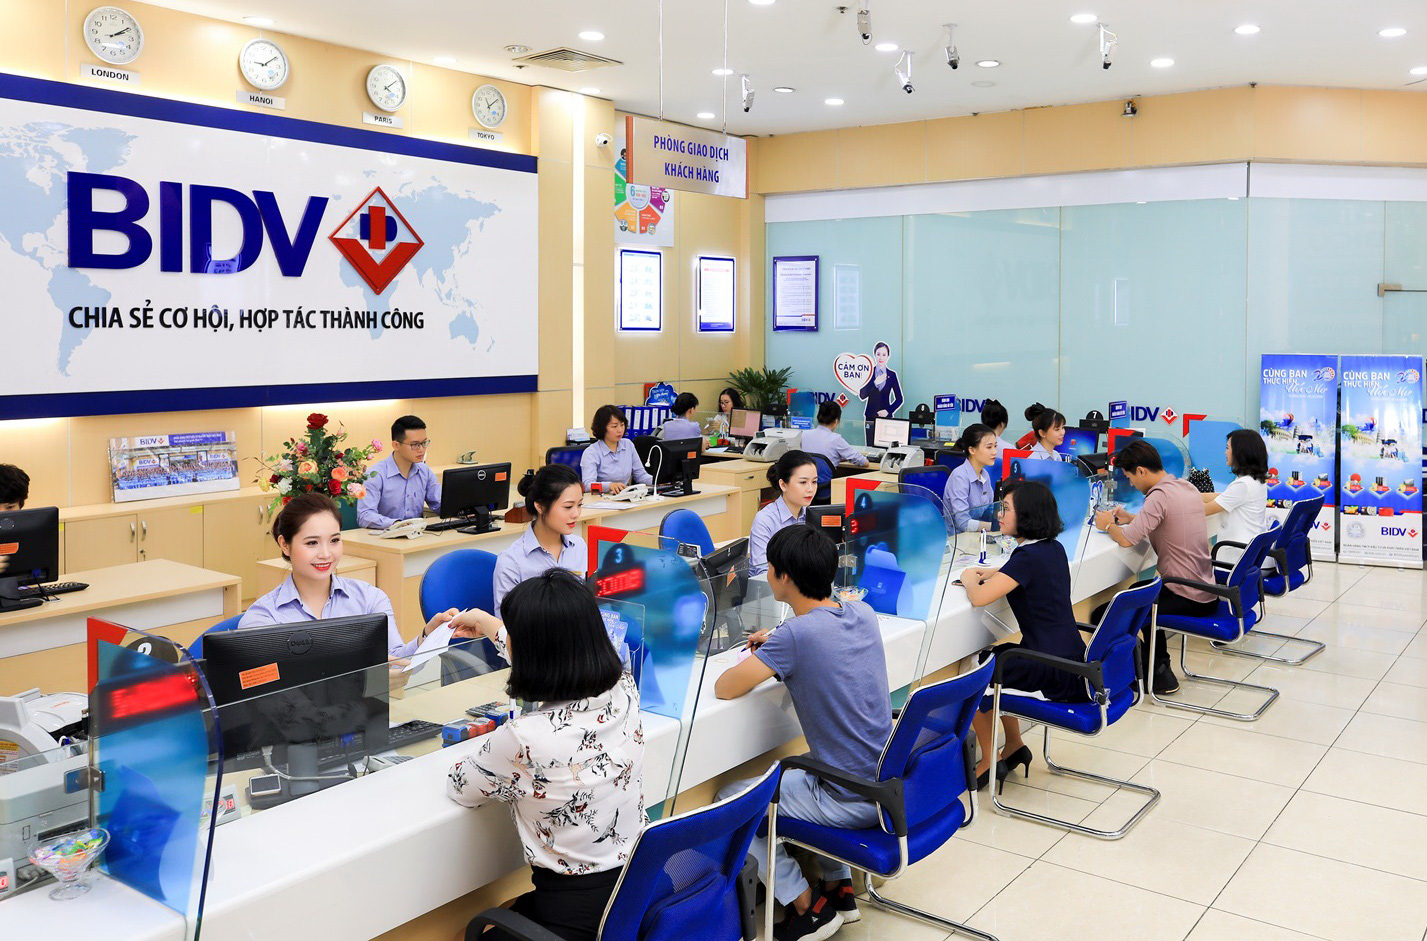 BIDV nỗ lực đảm bảo kinh doanh ổn định,  chung tay hỗ trợ đồng bào Miền Trung khắc phục hậu quả thiên tai  - Ảnh 1.